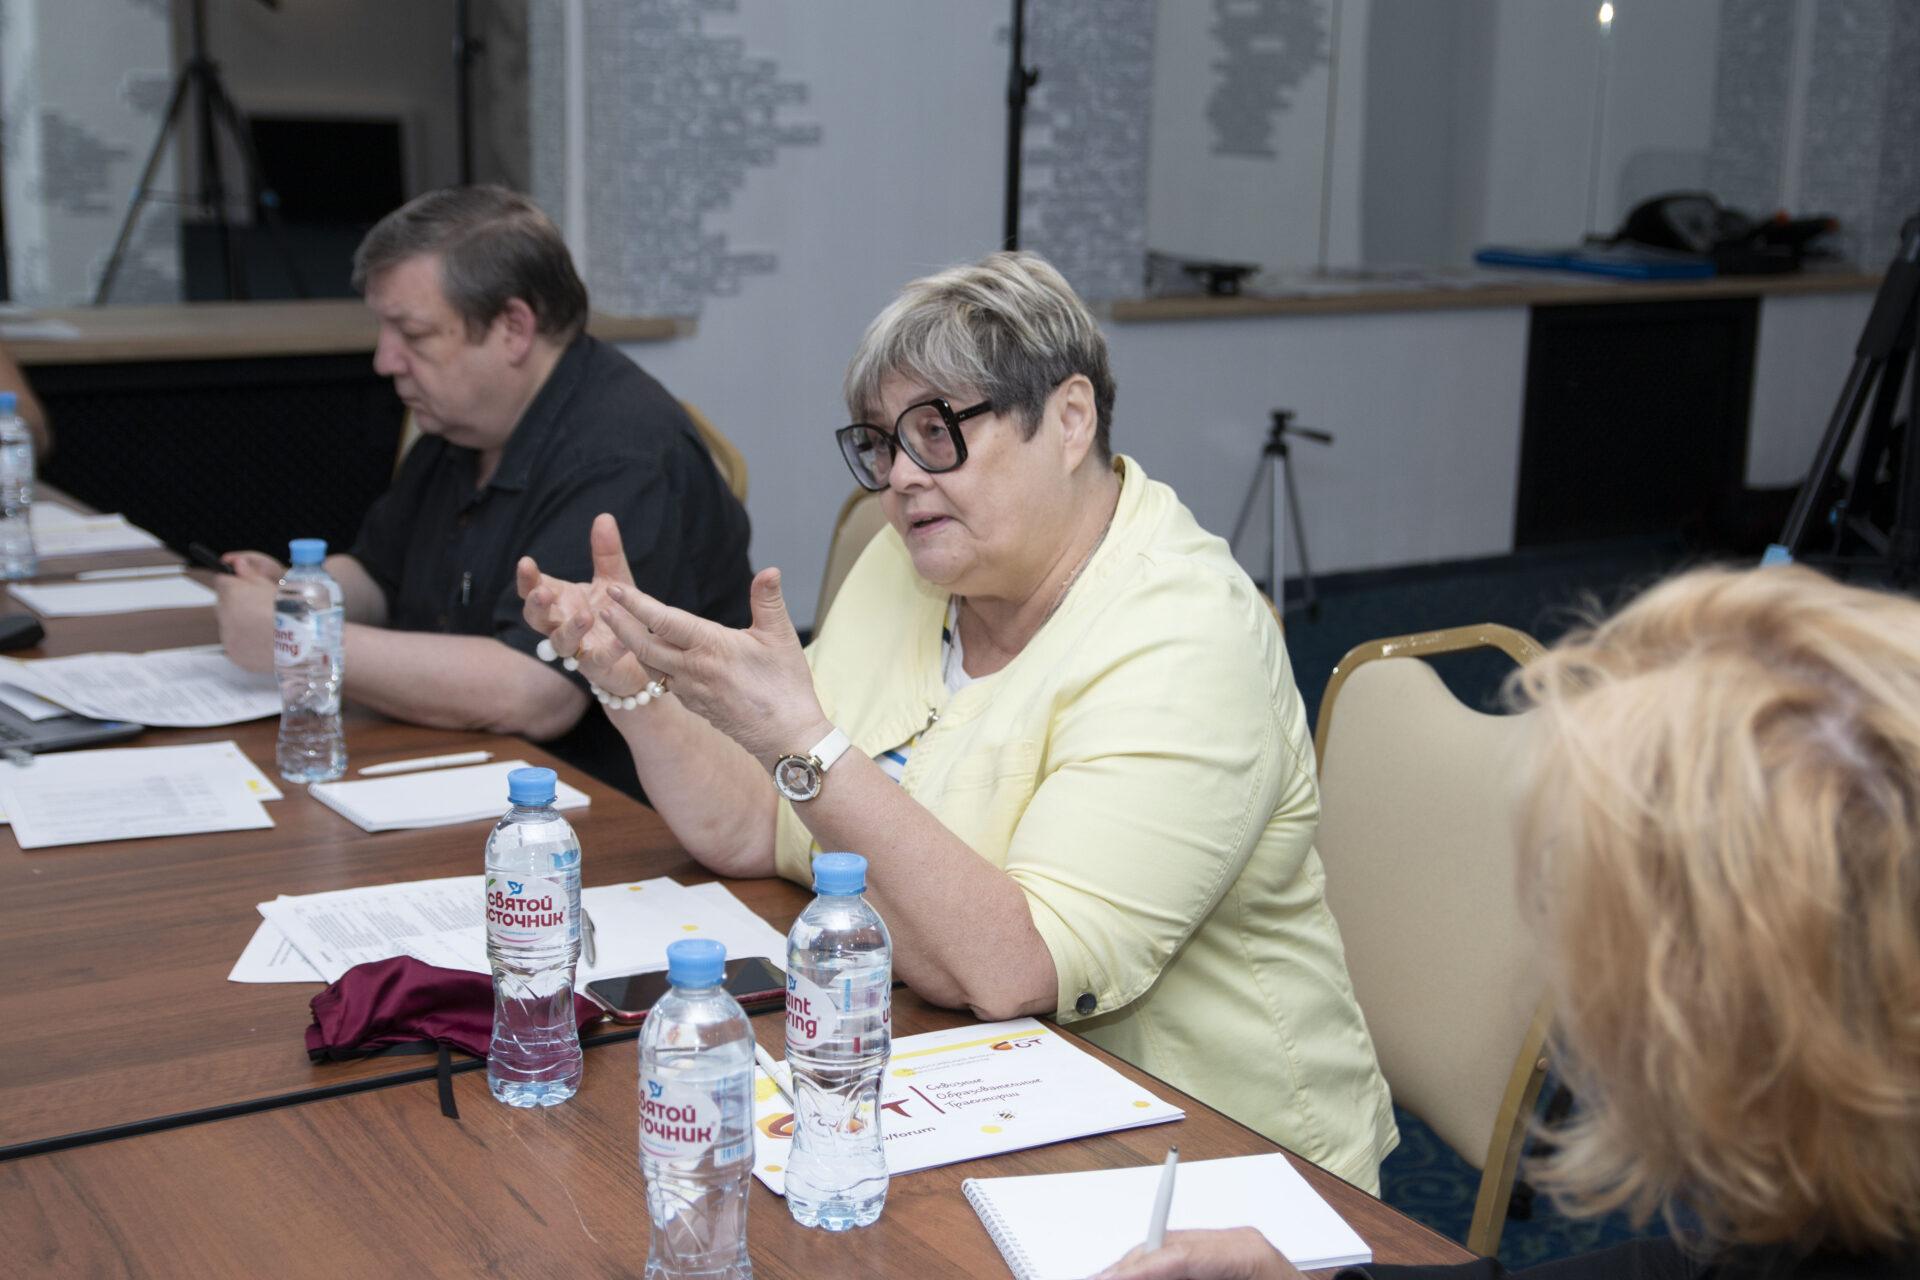 Комиссия рассмотрела 1850 заявок на гранты СОТ 2021: эксперт Ирина Абанкина и Алексей Воронцов